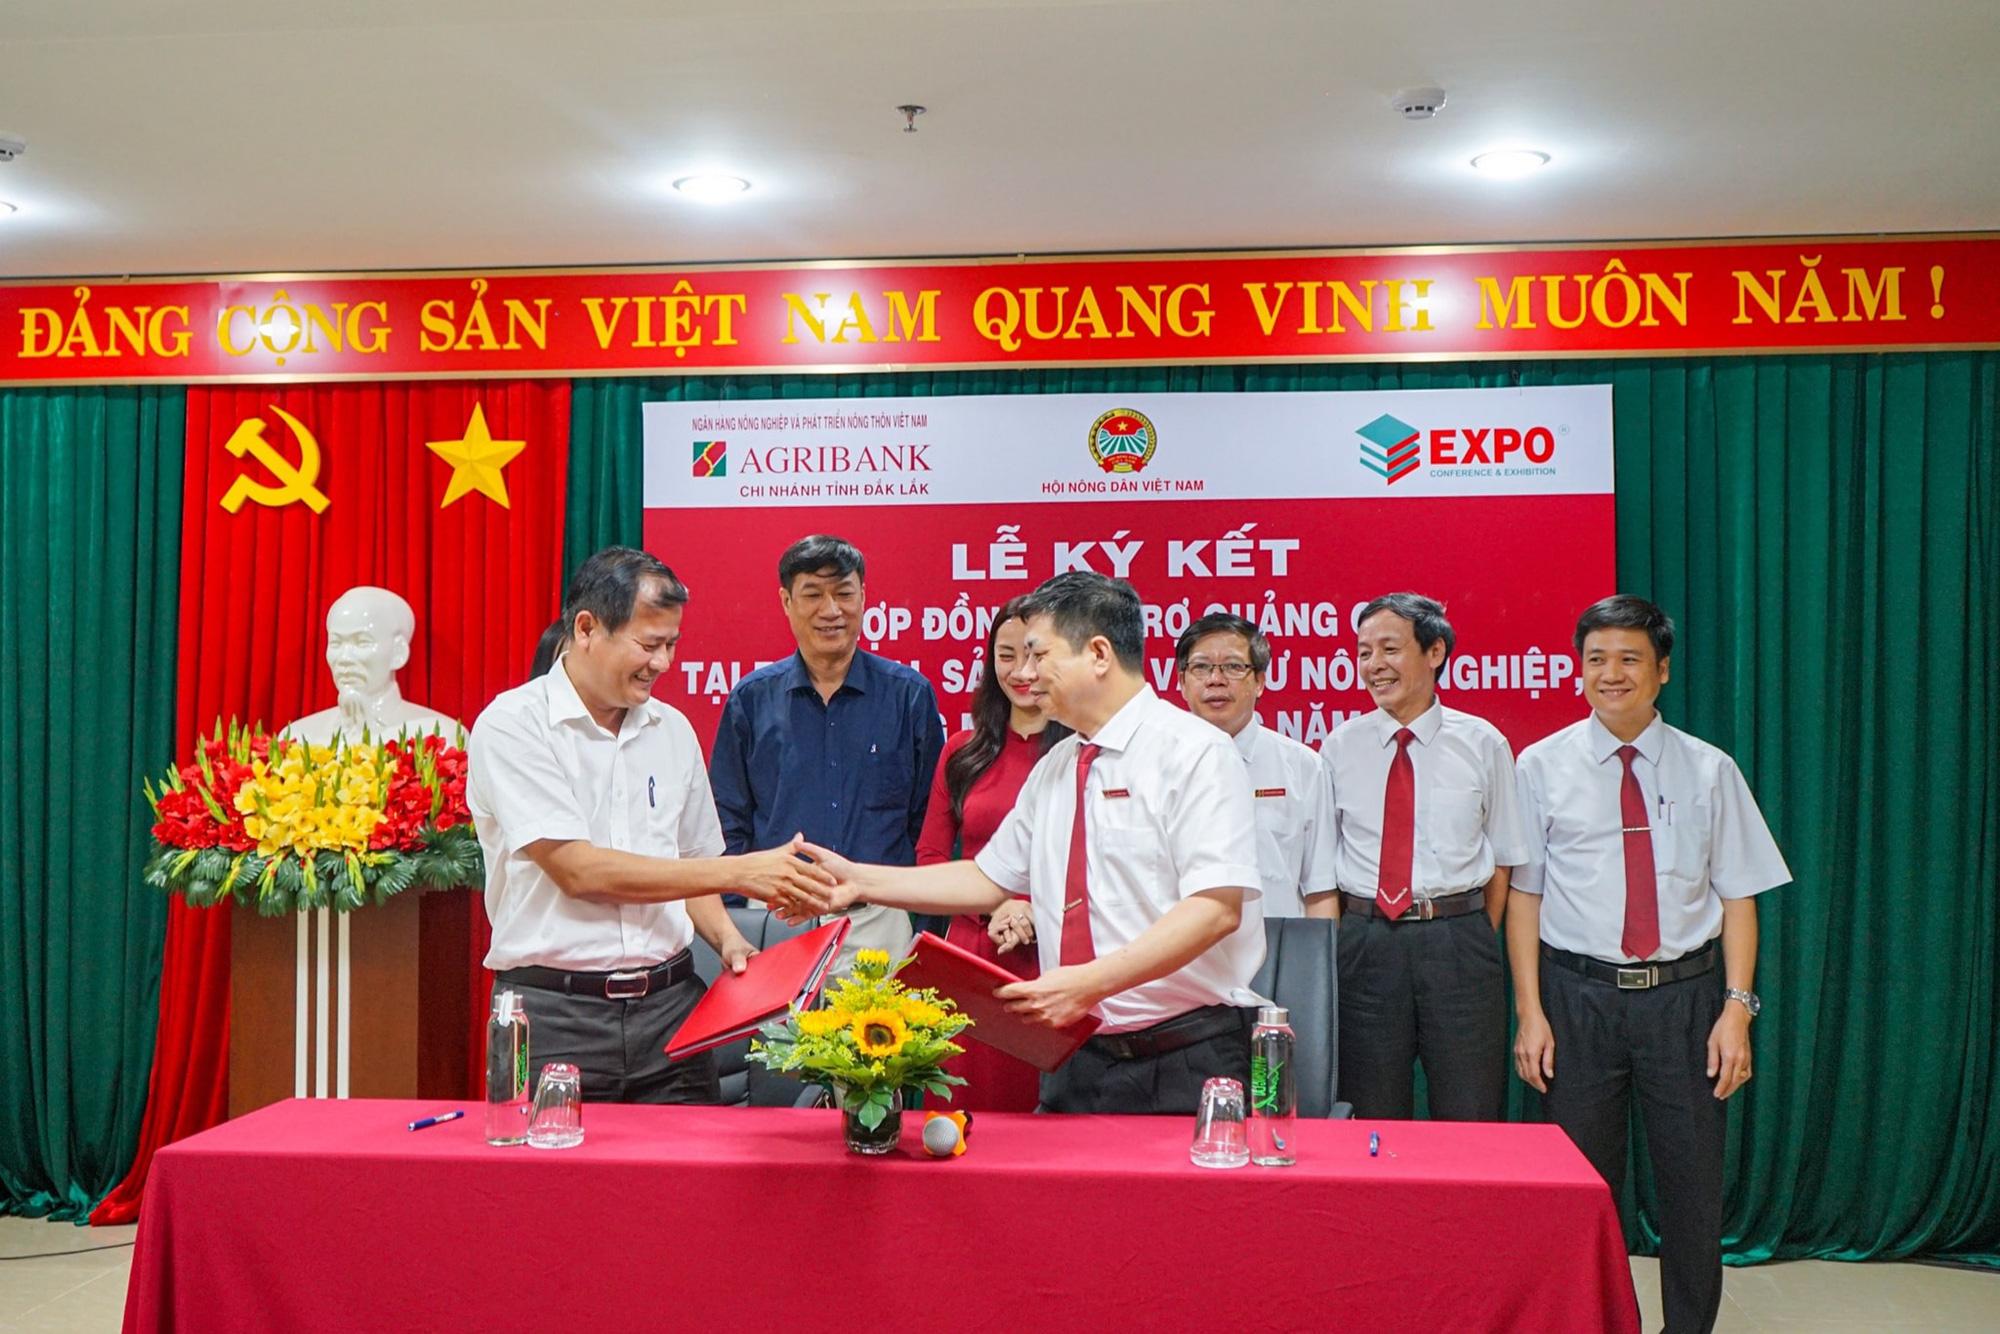 Lễ ký kết hợp đồng tài trợ tại Festival sản phẩm vật tư nông nghiệp, thương mại toàn quốc năm 2020 - Ảnh 1.